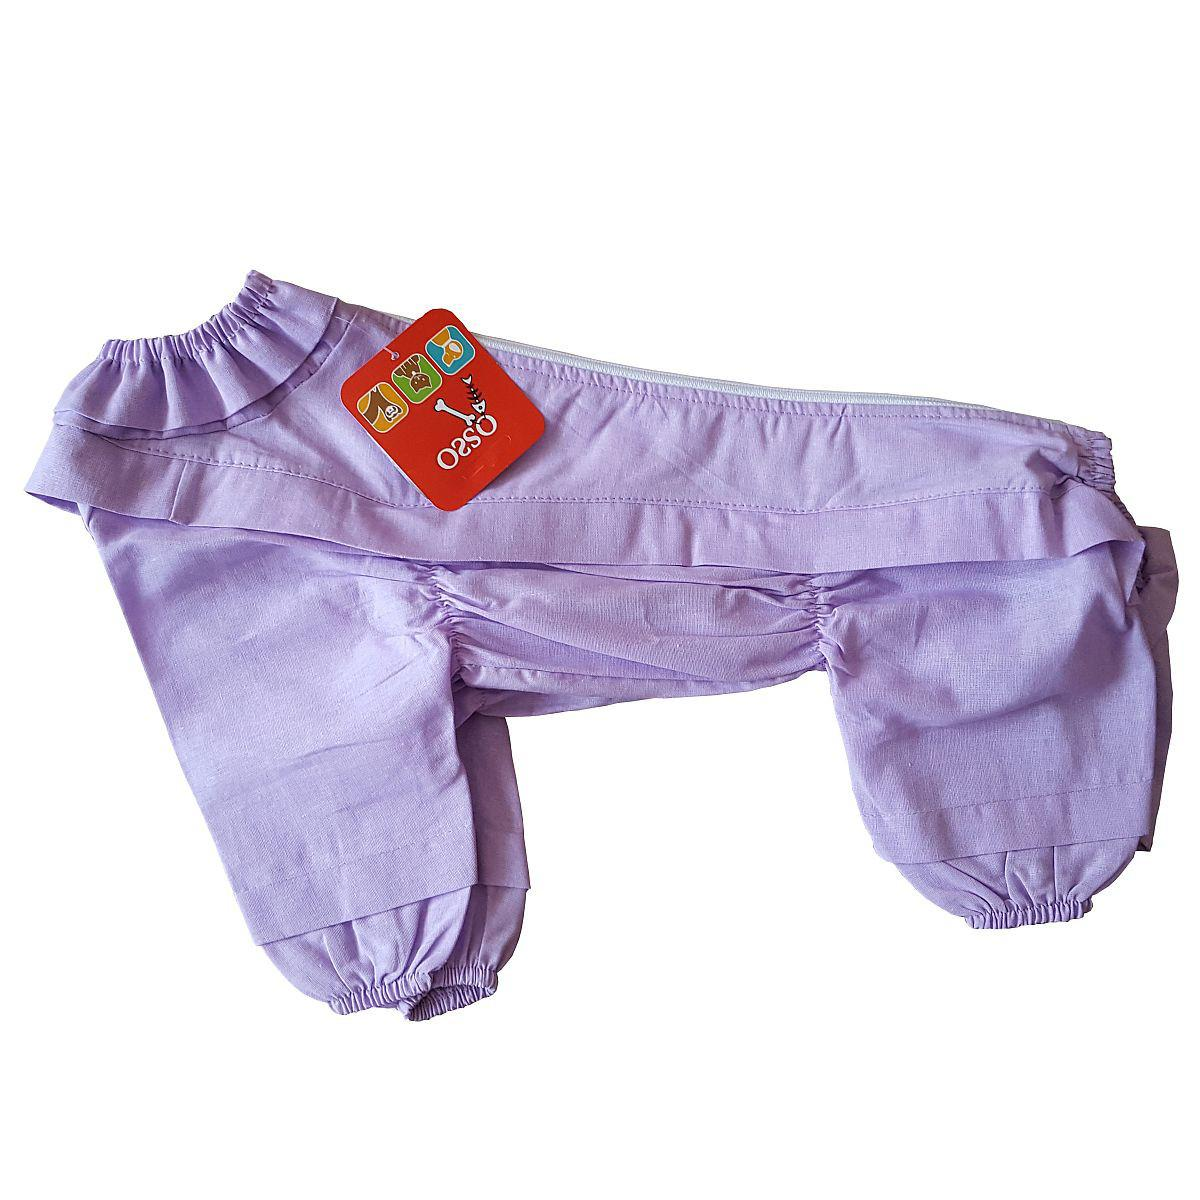 Комбинезон для собак OSSO Fashion размер XL женский, бежевый, длина спины 37 см